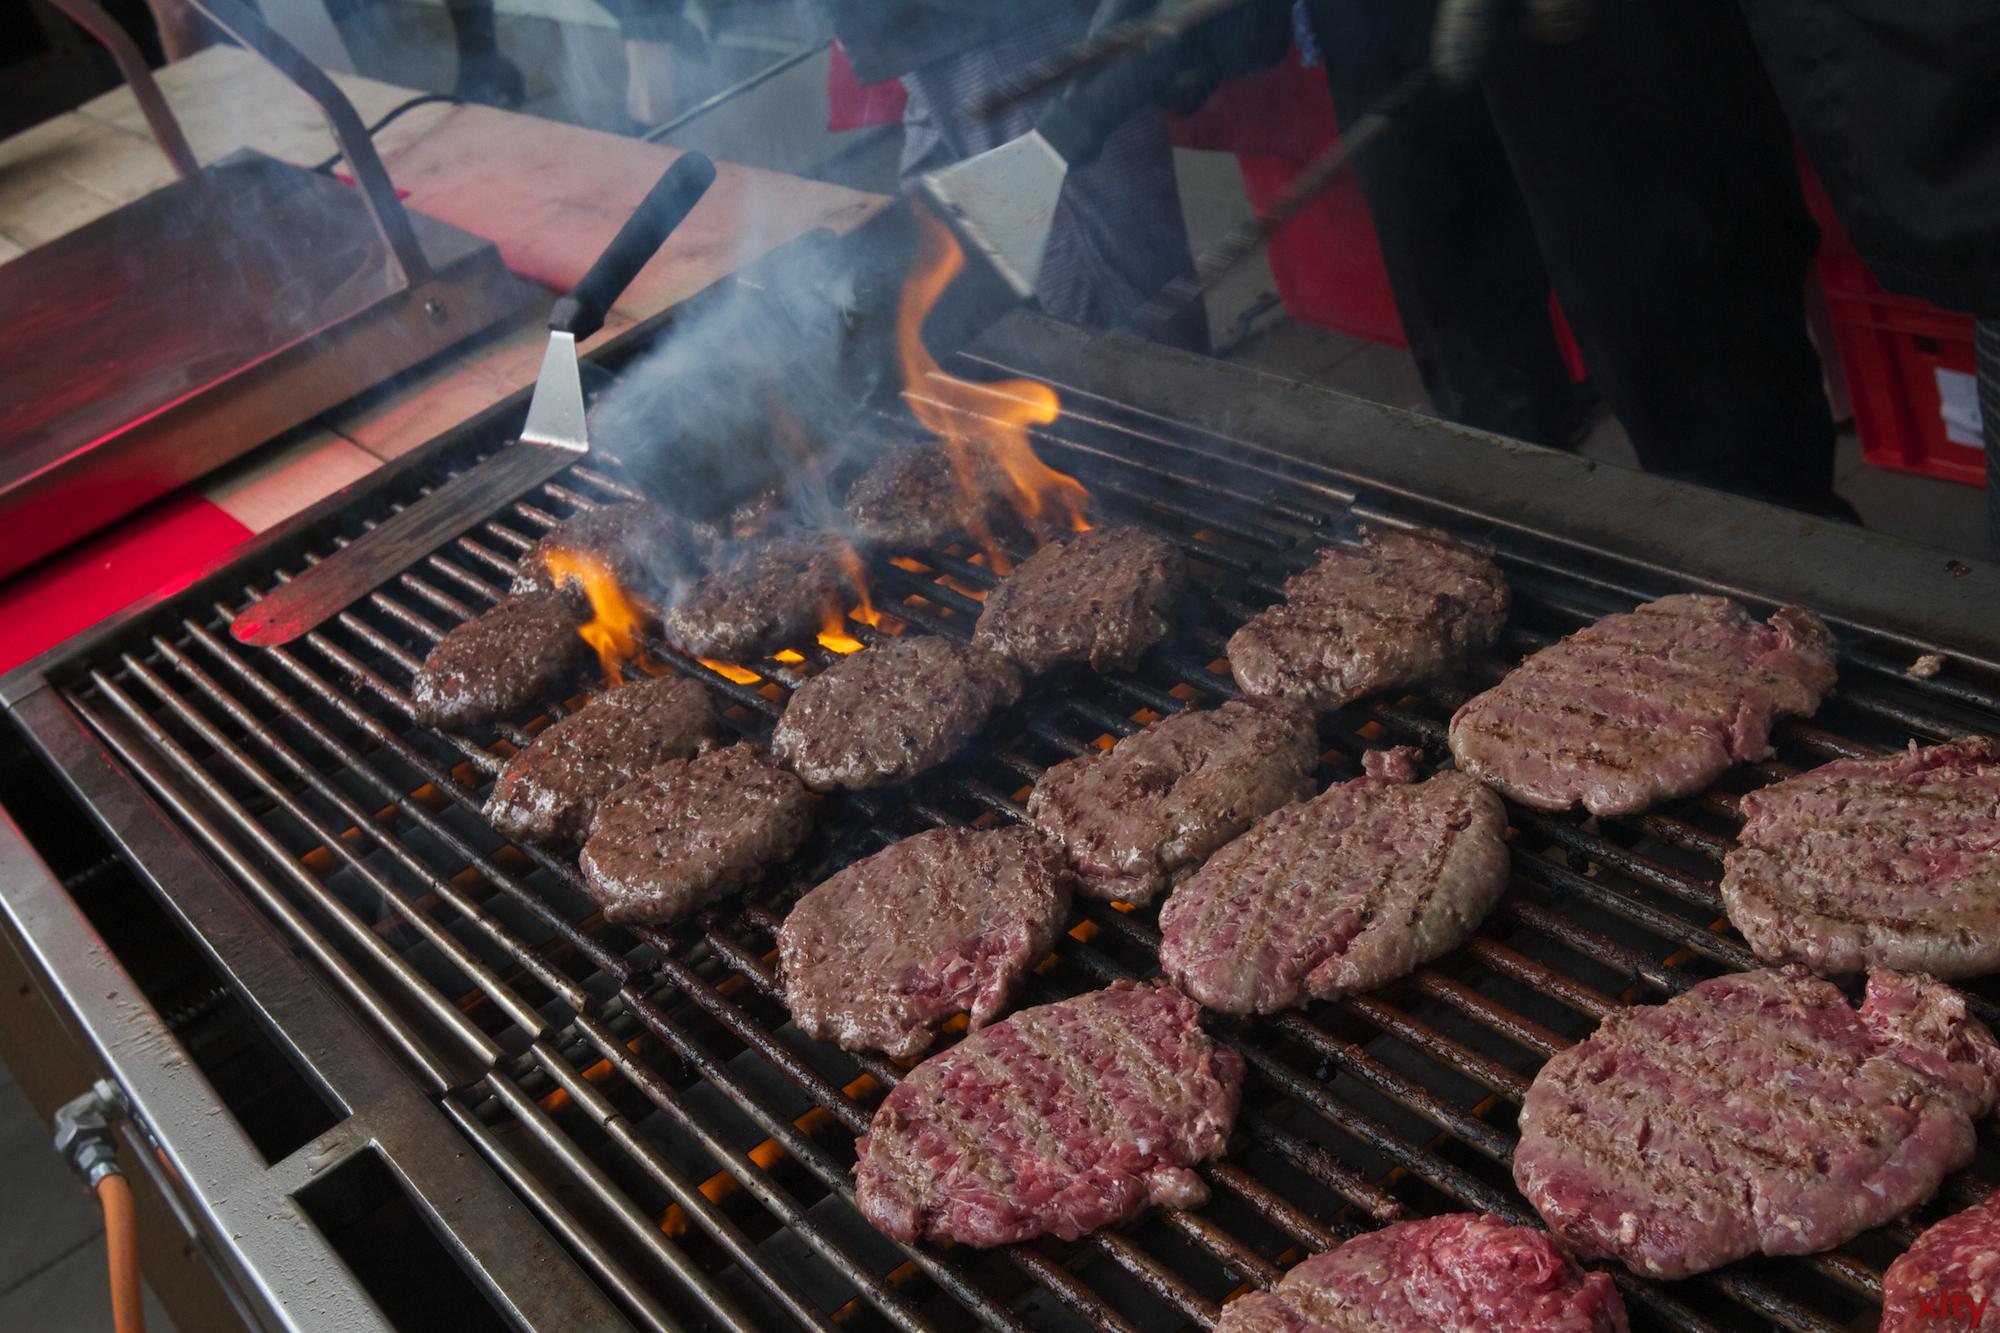 Traditionell wurde der 4th of July mit einem Barbecue gefeiert (Foto: xity)